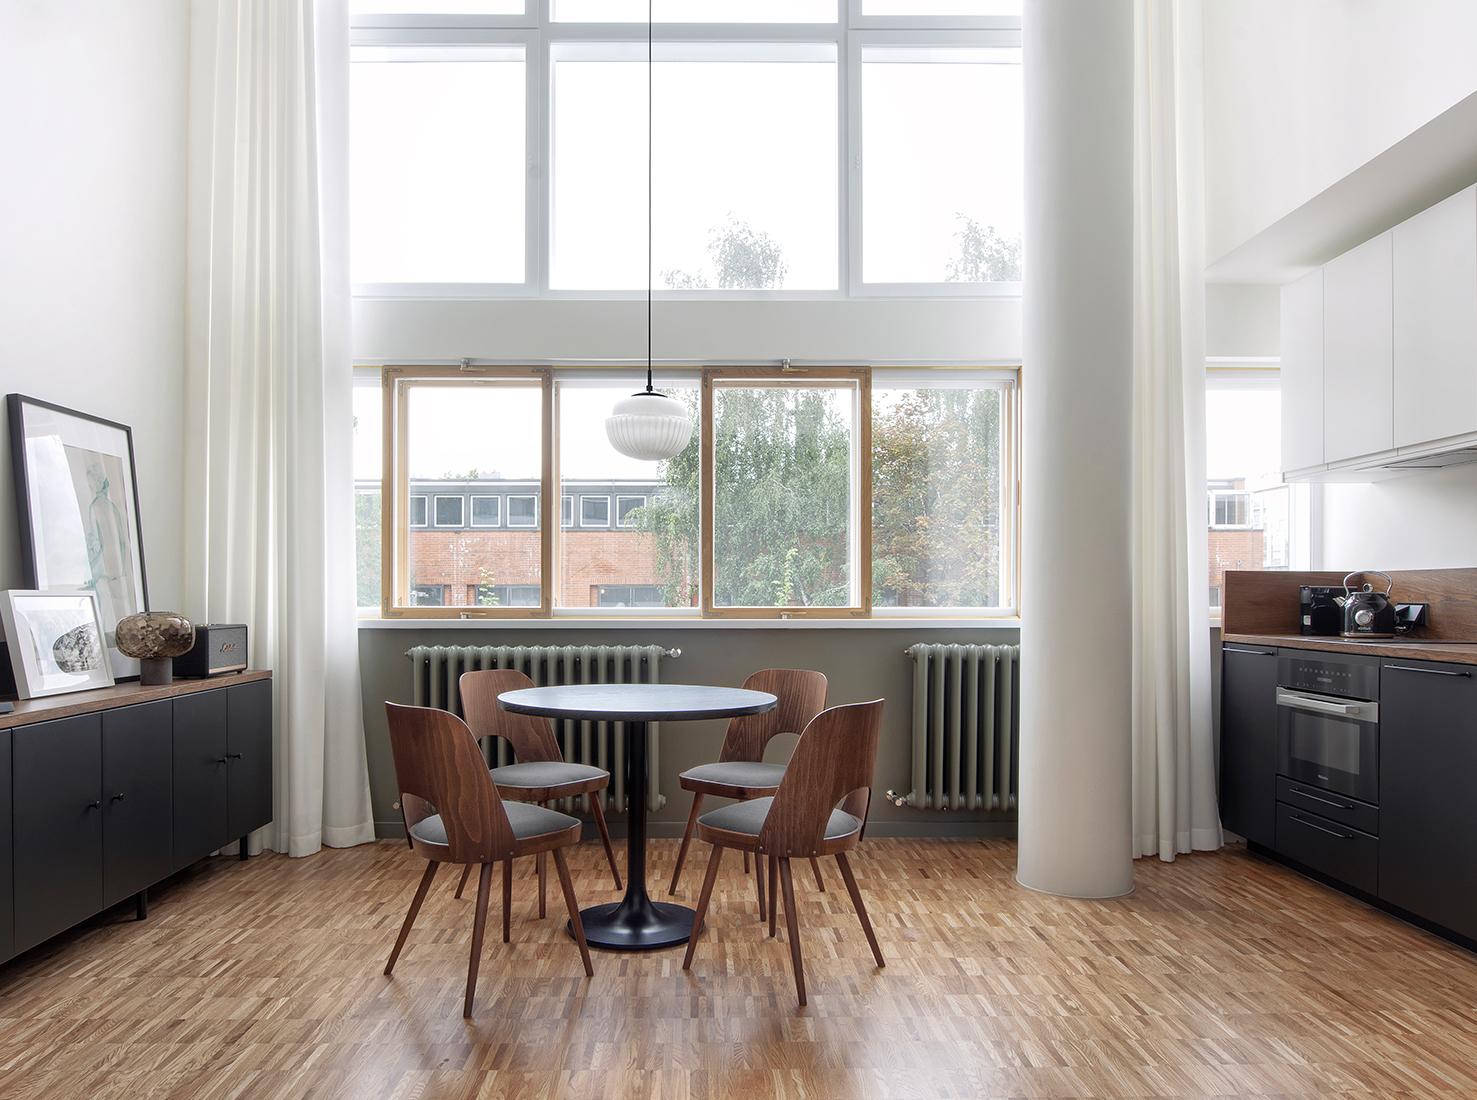 Квартира в доме наркомфина фото